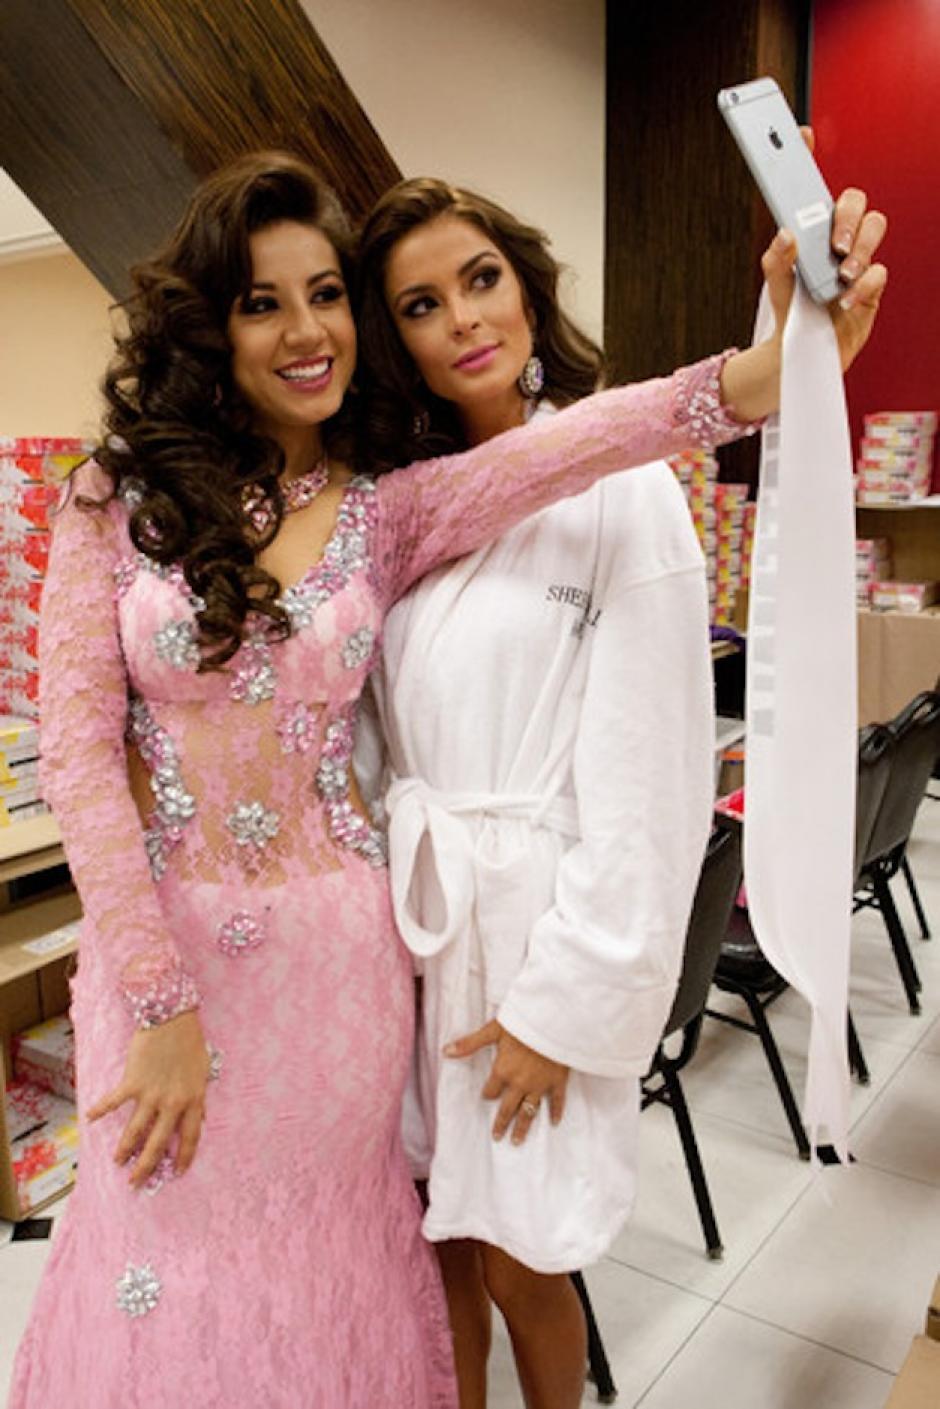 Jeimmy aprovecha para tomarse fotografías con sus compañeras. (Foto: Miss Universe)